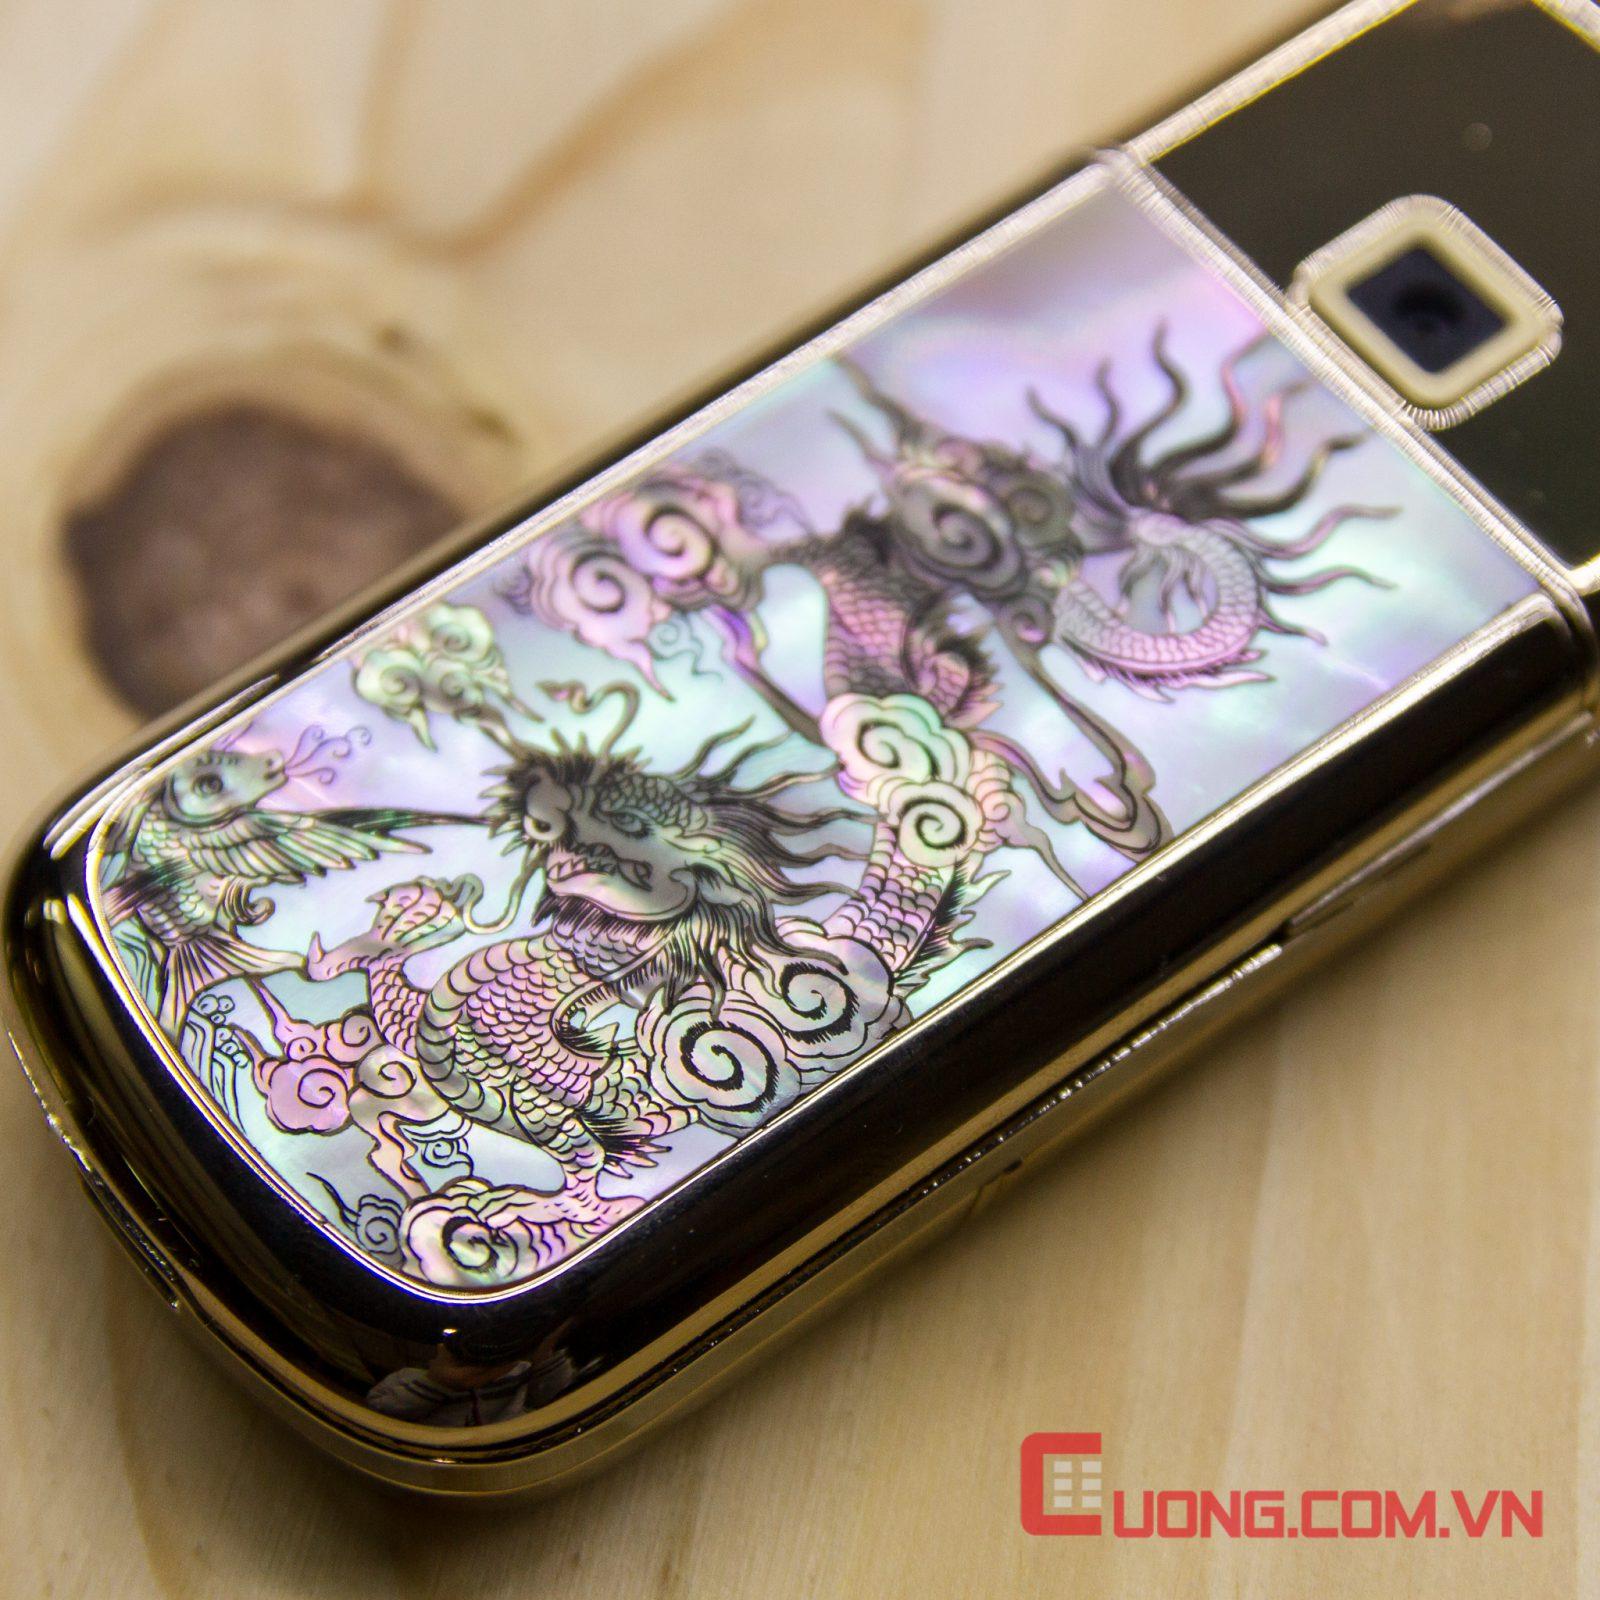 Vẻ dũng mãnh của con rồng phun nước trong chiếc Nokia 8800 Gold